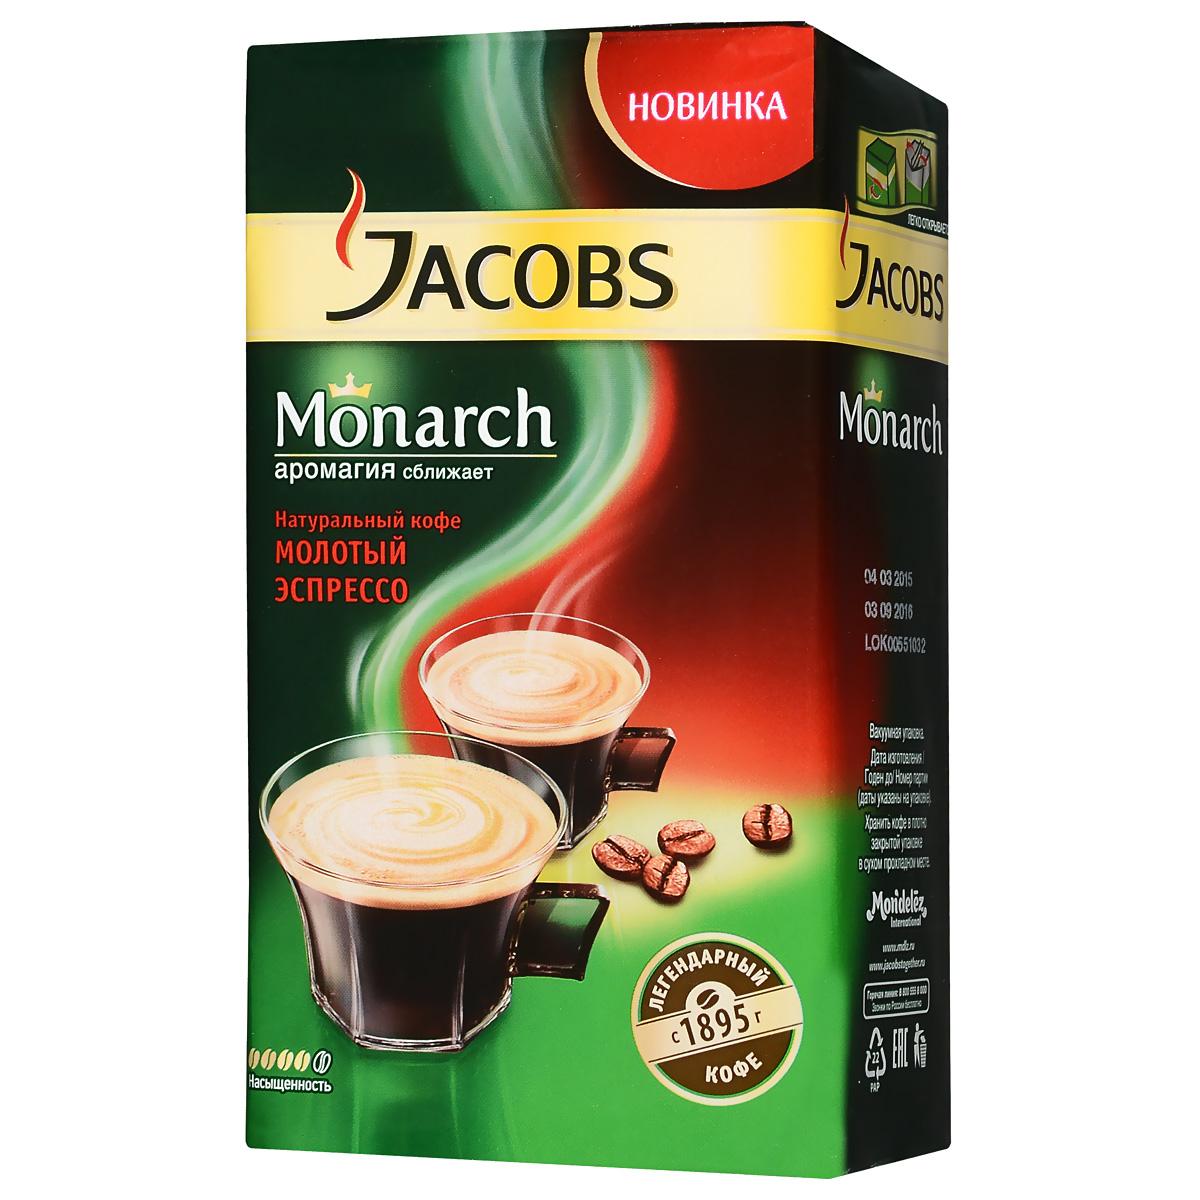 Jacobs Monarch Espresso кофе молотый, 250 г